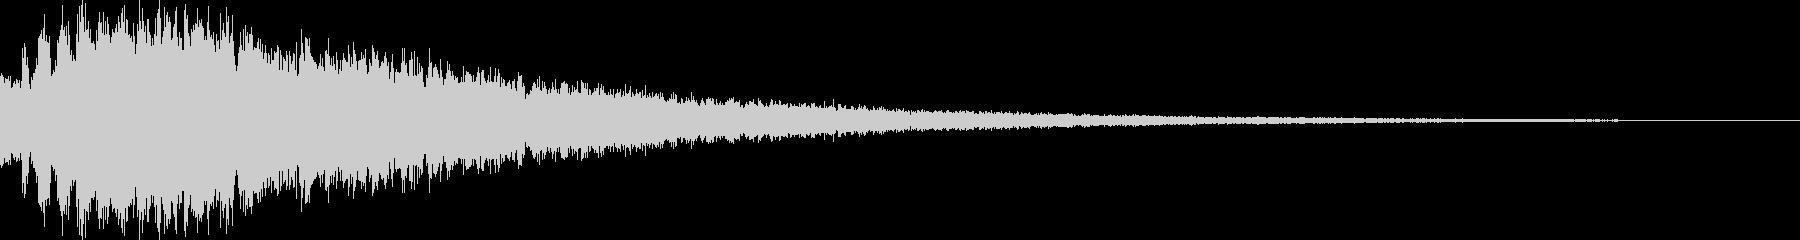 キラーン_場面転換の音の未再生の波形